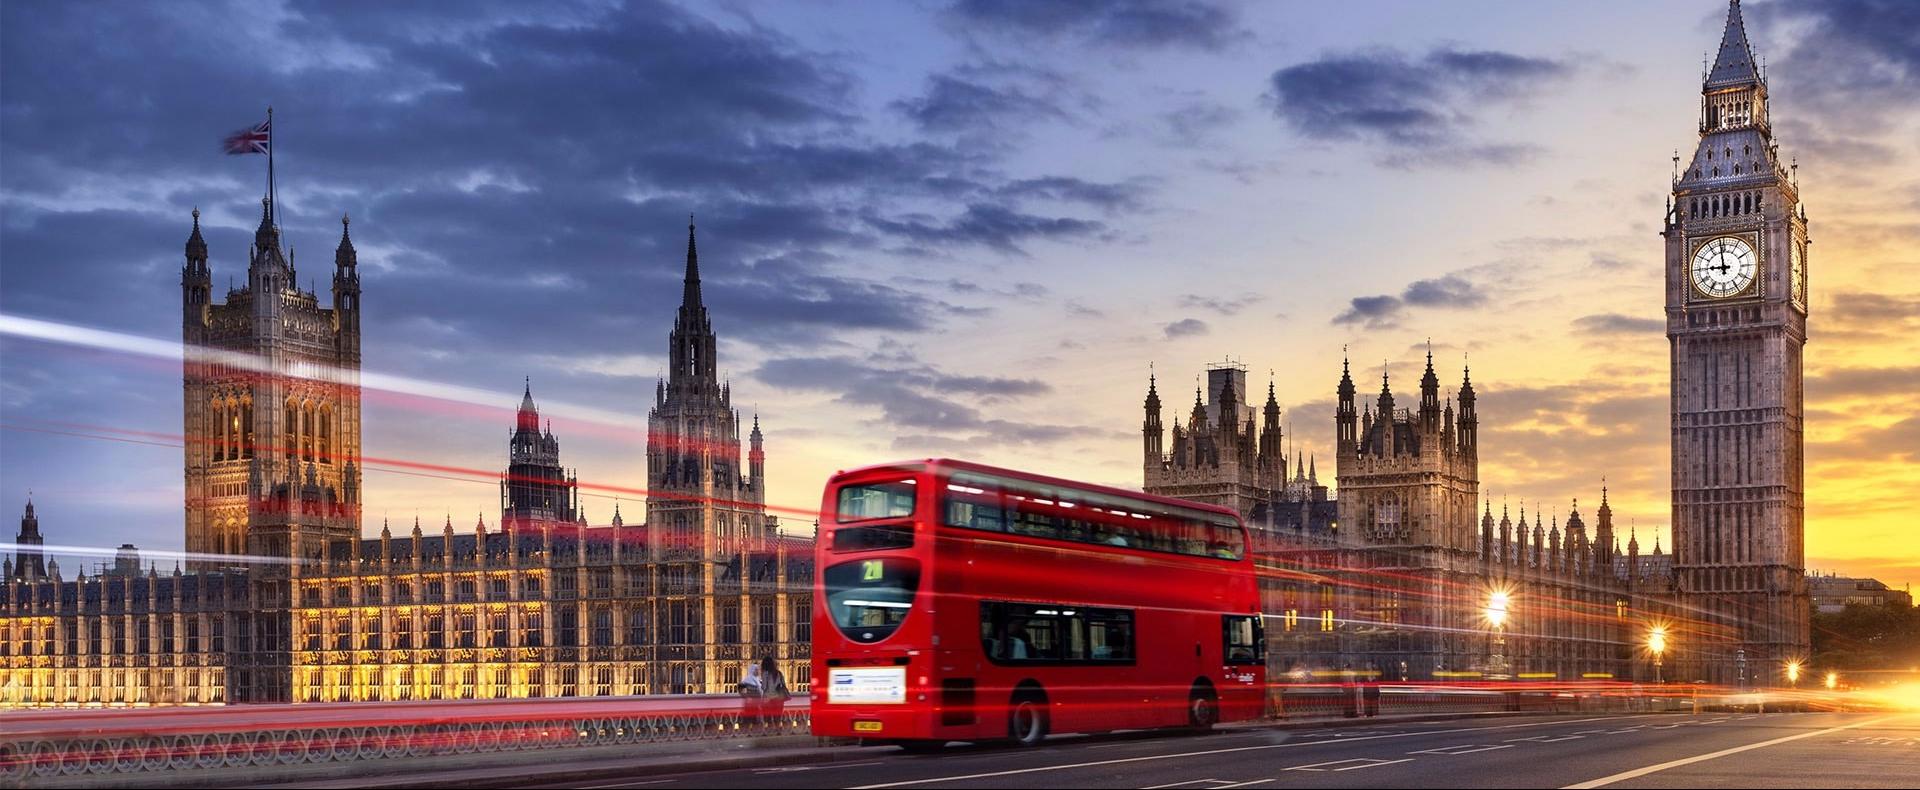 Europe: England & Scotland